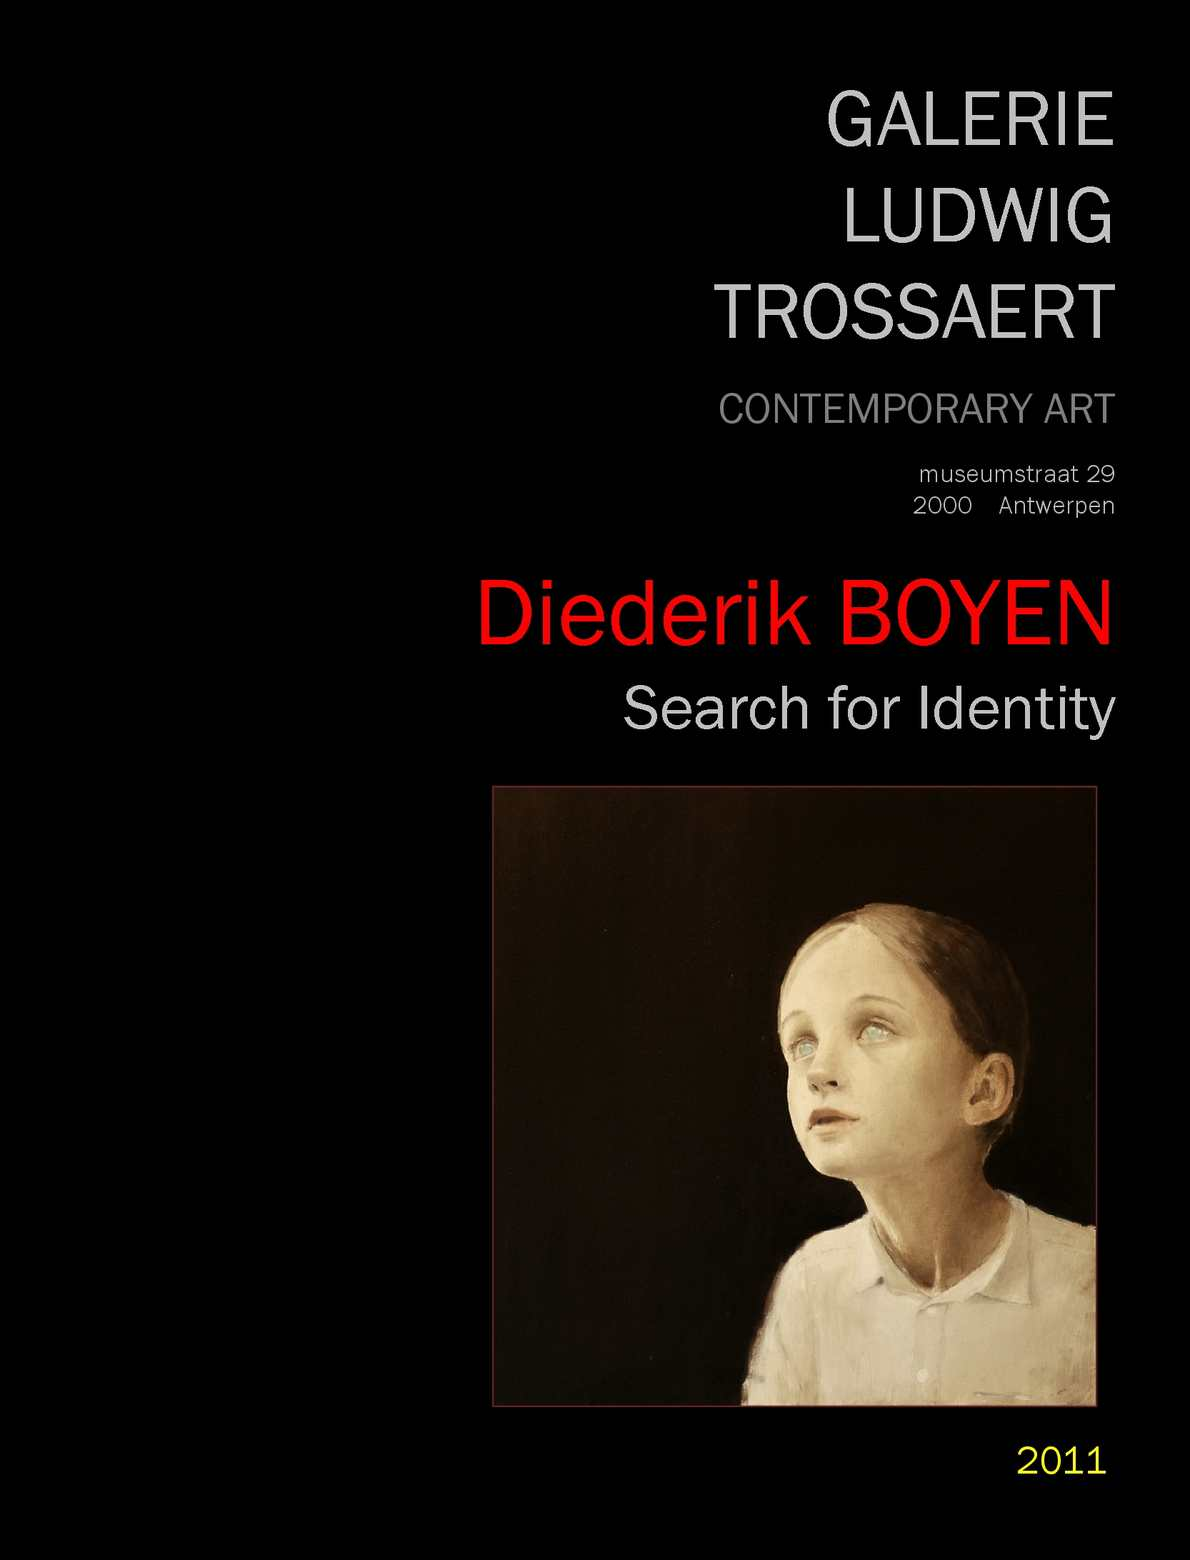 Diederik BOYEN - Search for Identity  (Galerie Ludwig Trossaert - 2011)